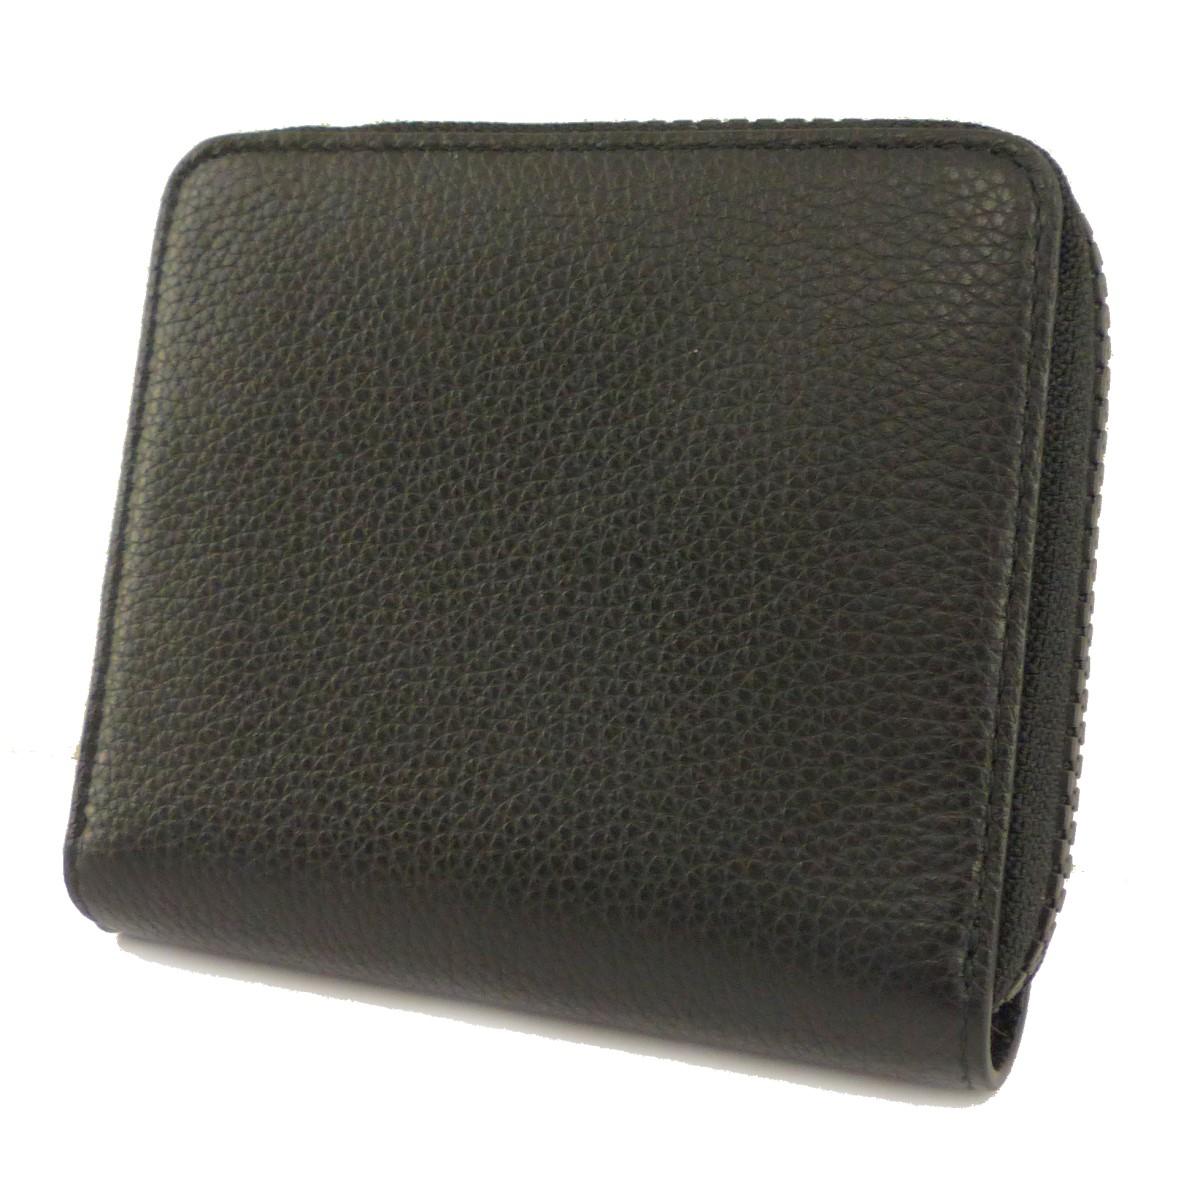 【中古】MARTIN MARGIELA 11 19SS LEATHER WALLET 財布 ブラック 【230820】(マルタンマルジェラ 11)